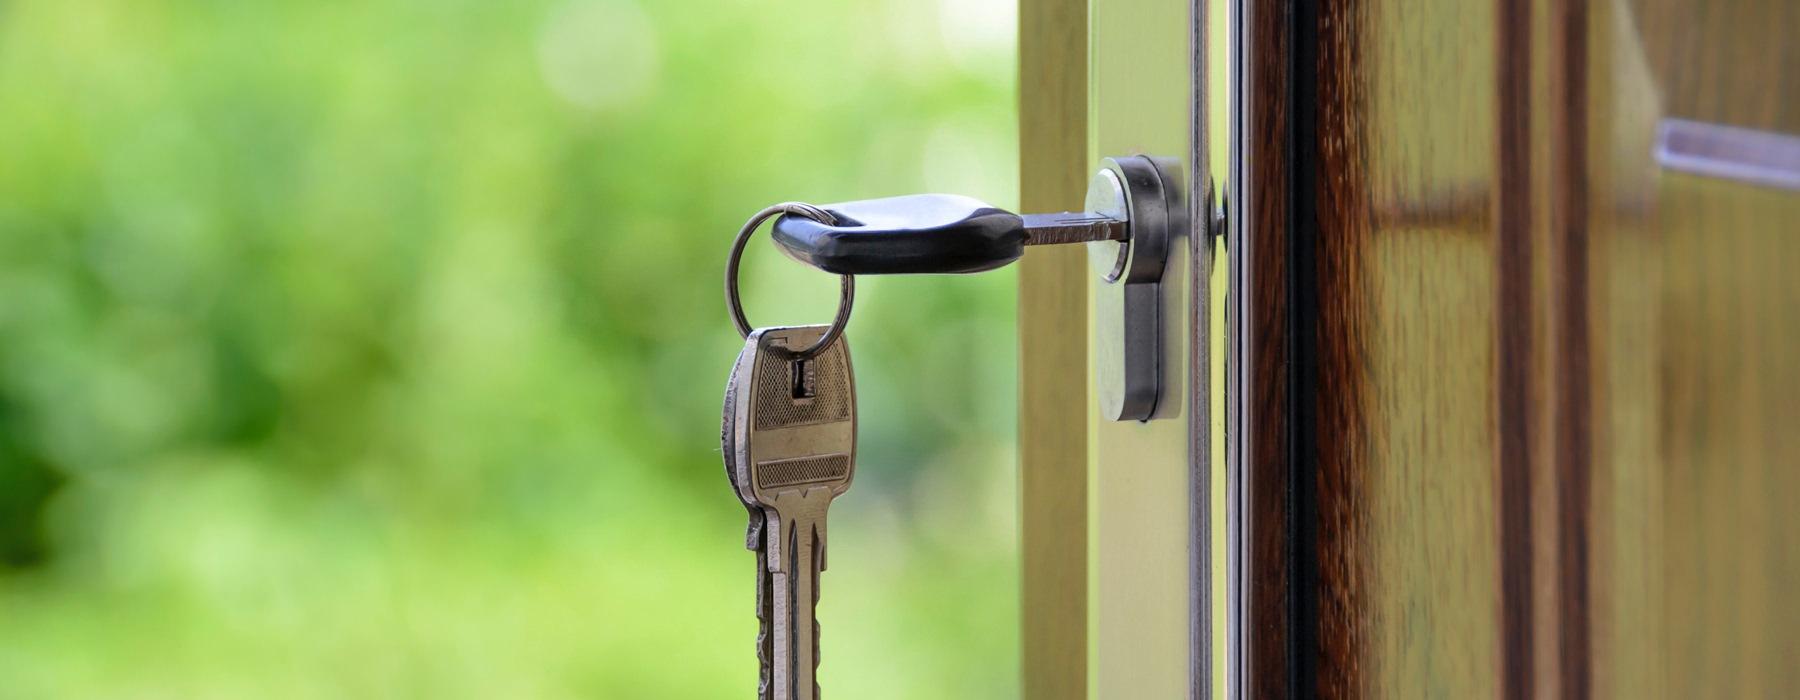 key in an open door's lock